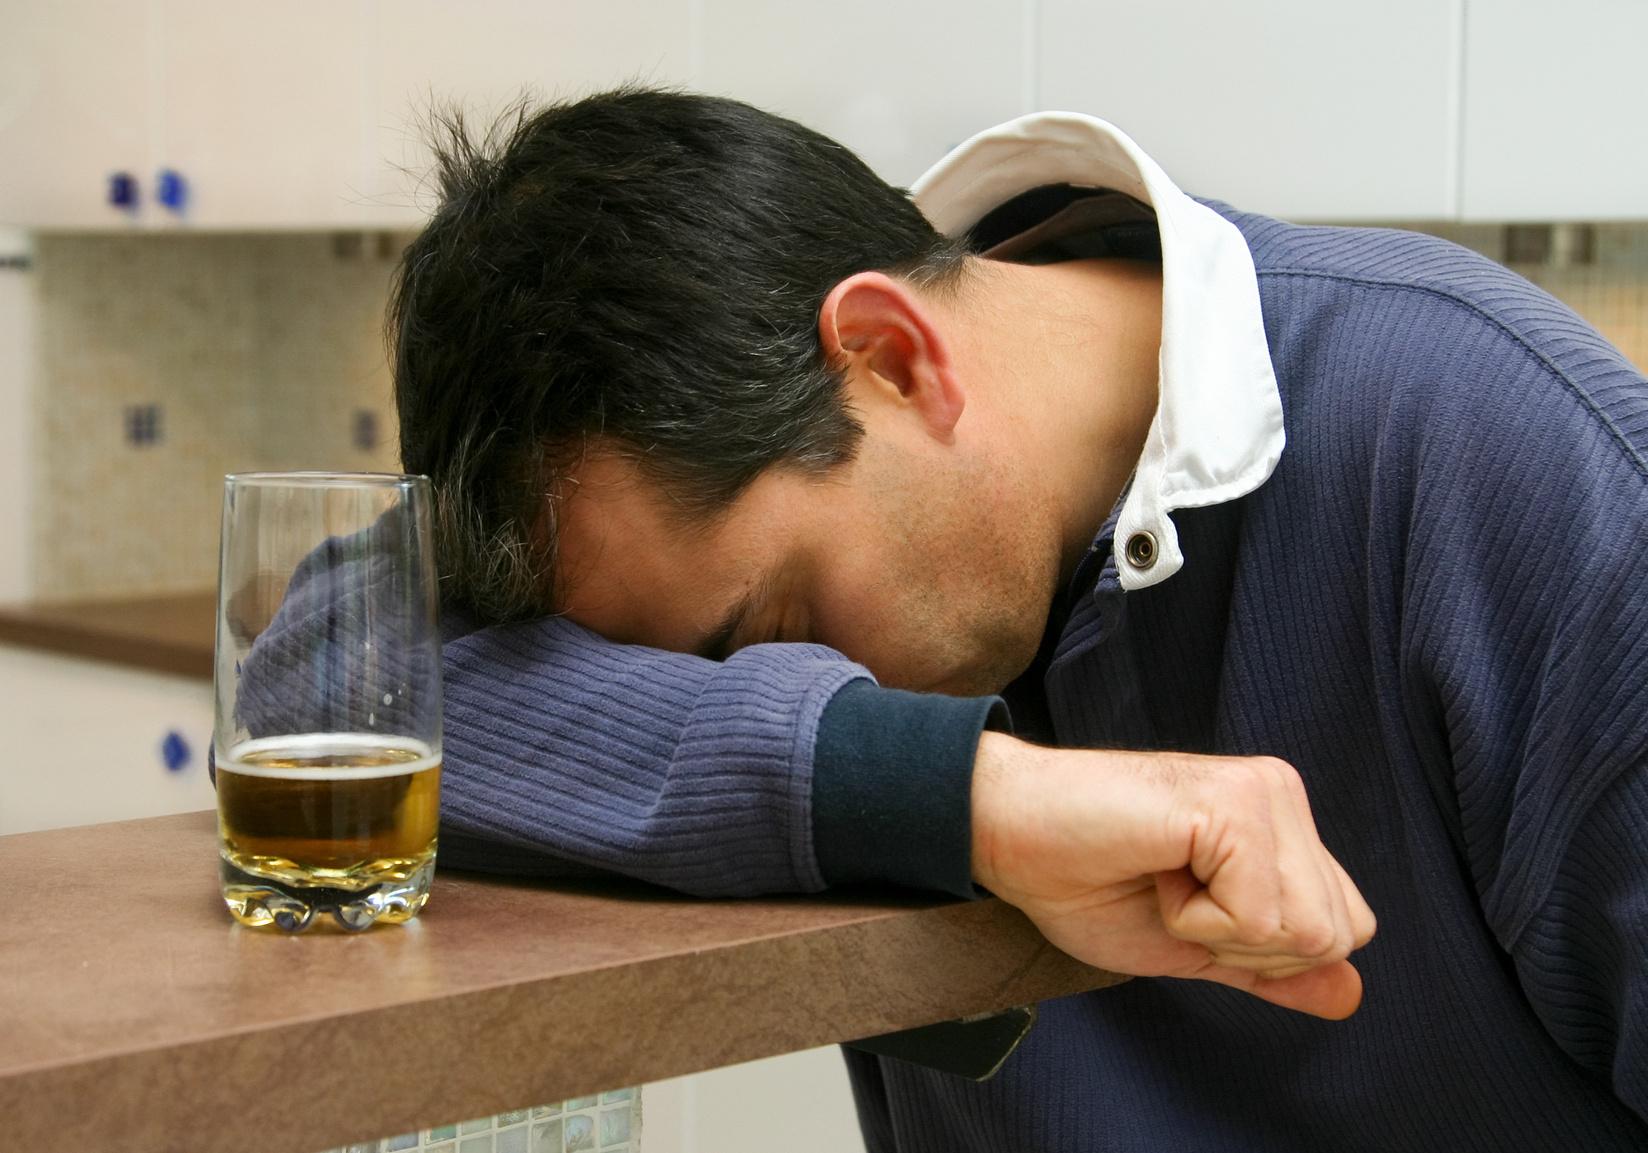 Киев лечение алкогольной зависимости